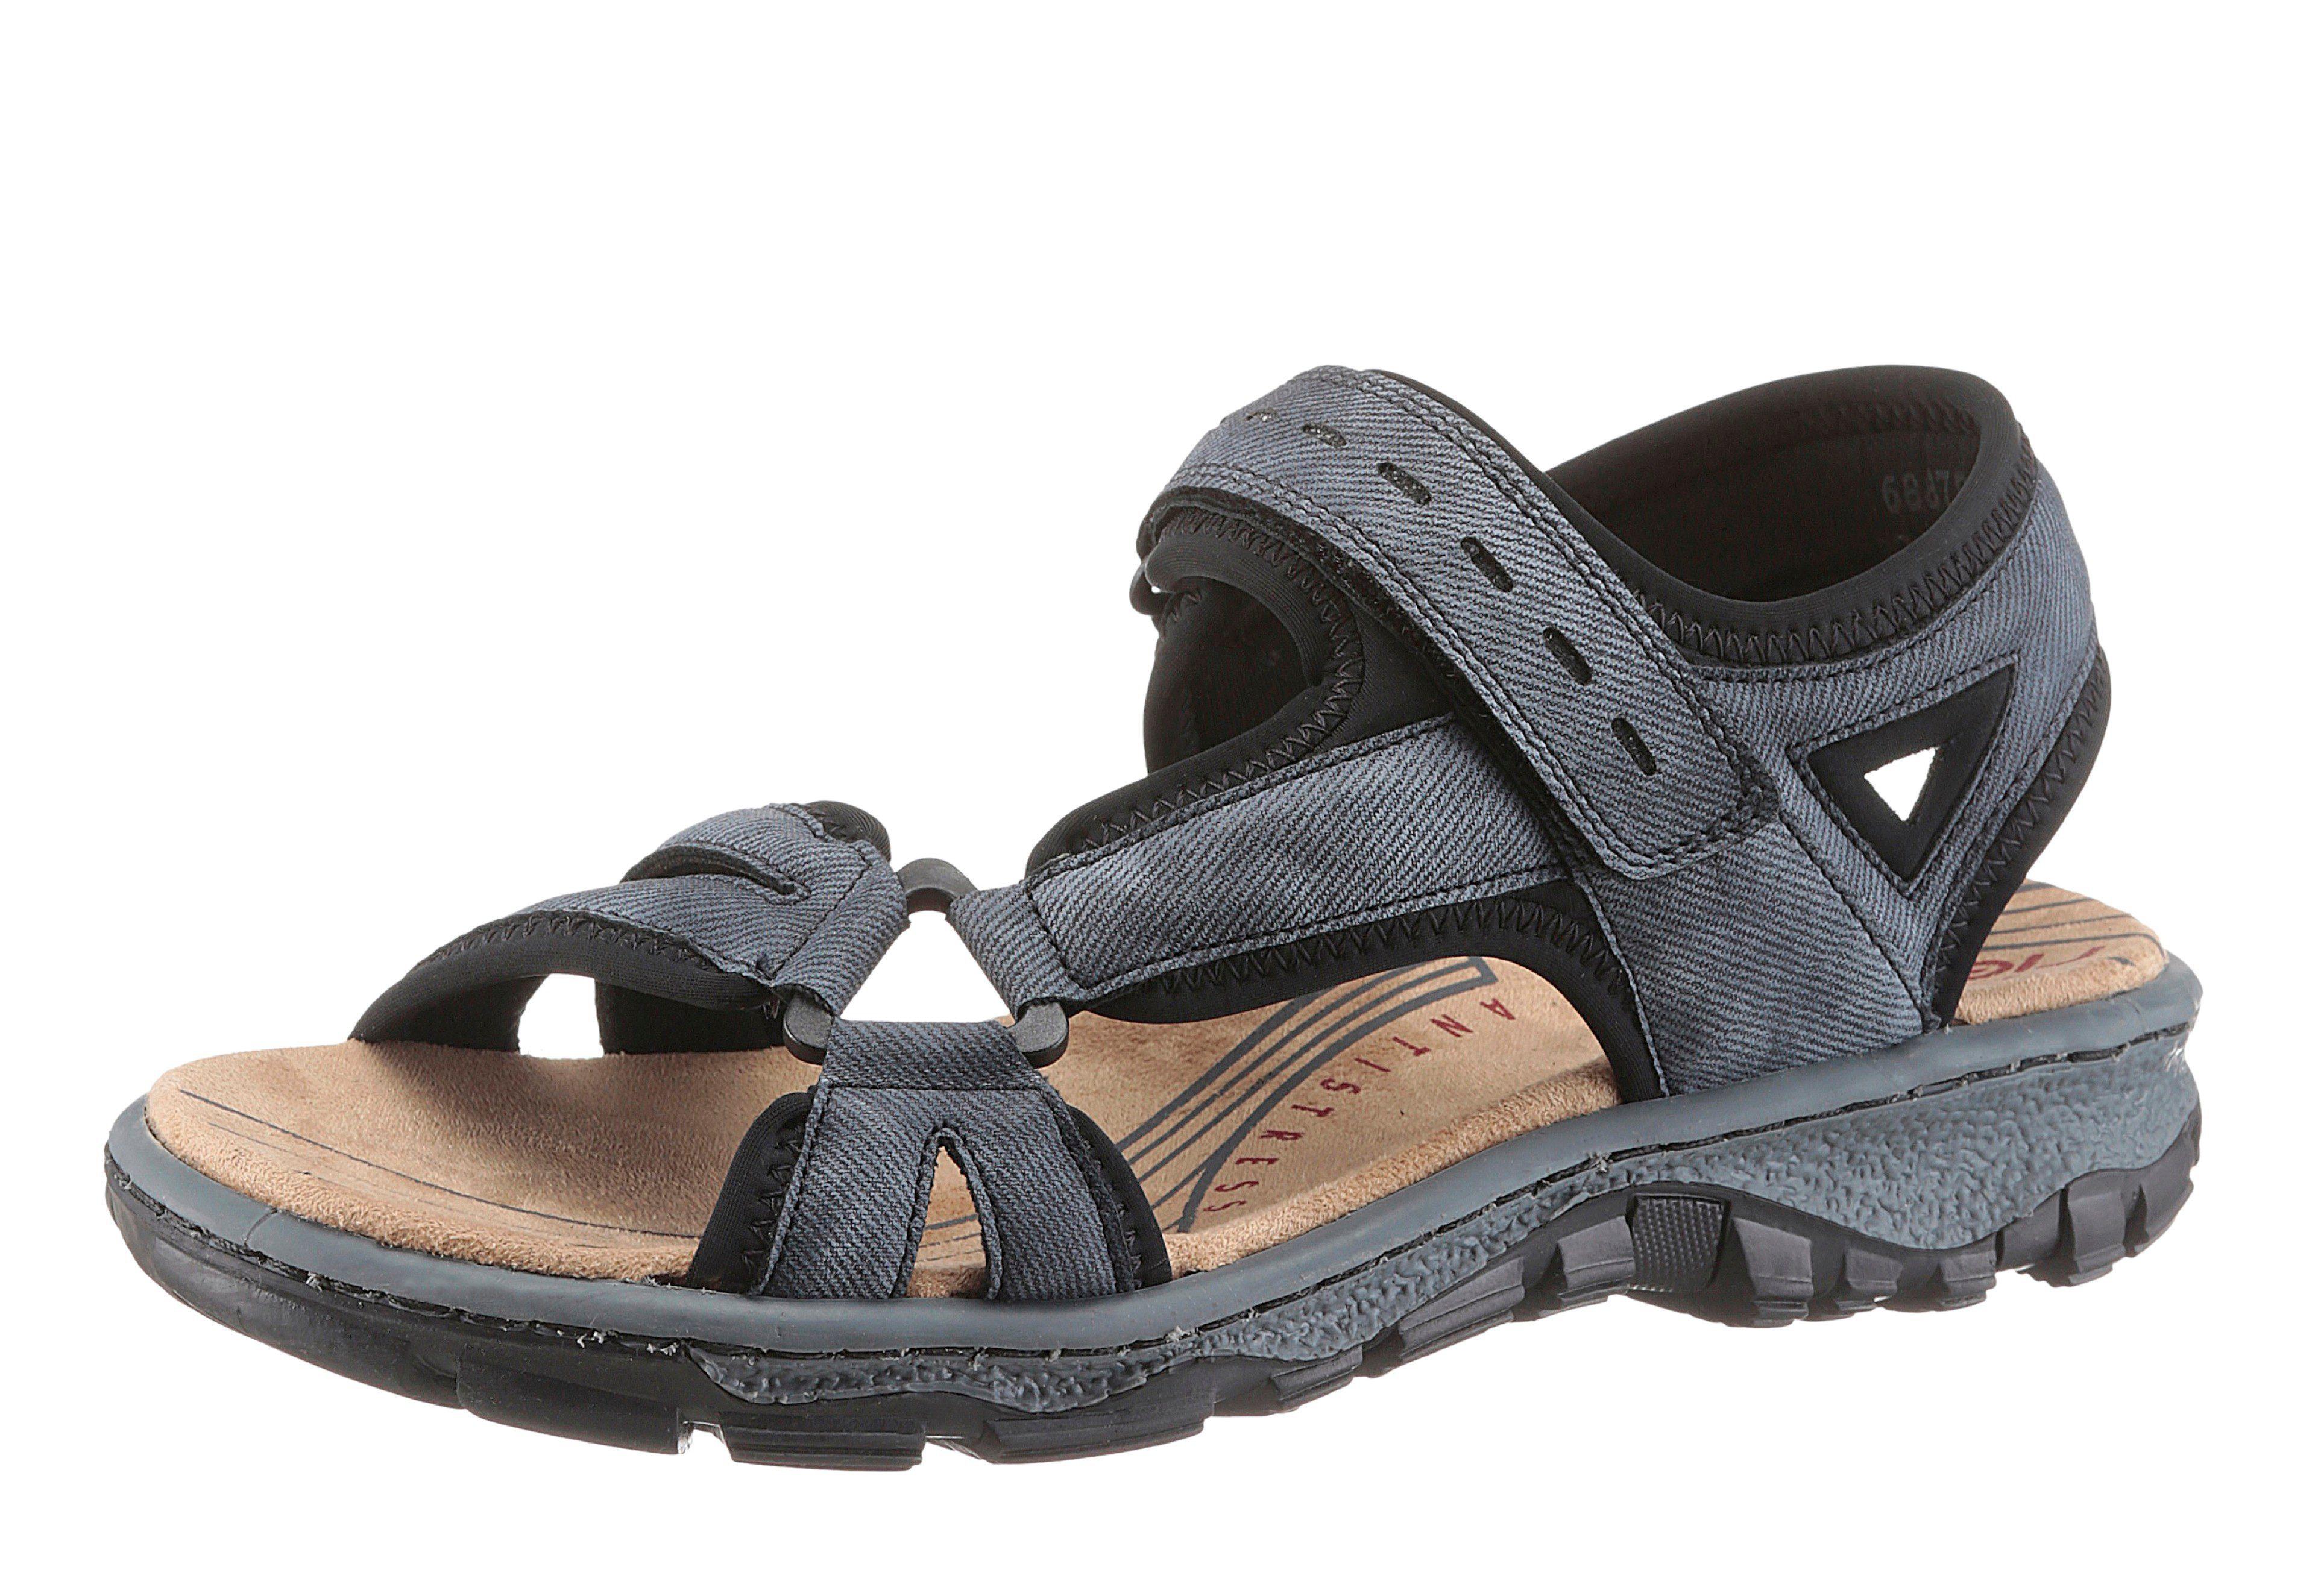 Rieker Outdoorsandale in sportivem Look, Sportive Sandale im Trekking Stil online kaufen | OTTO